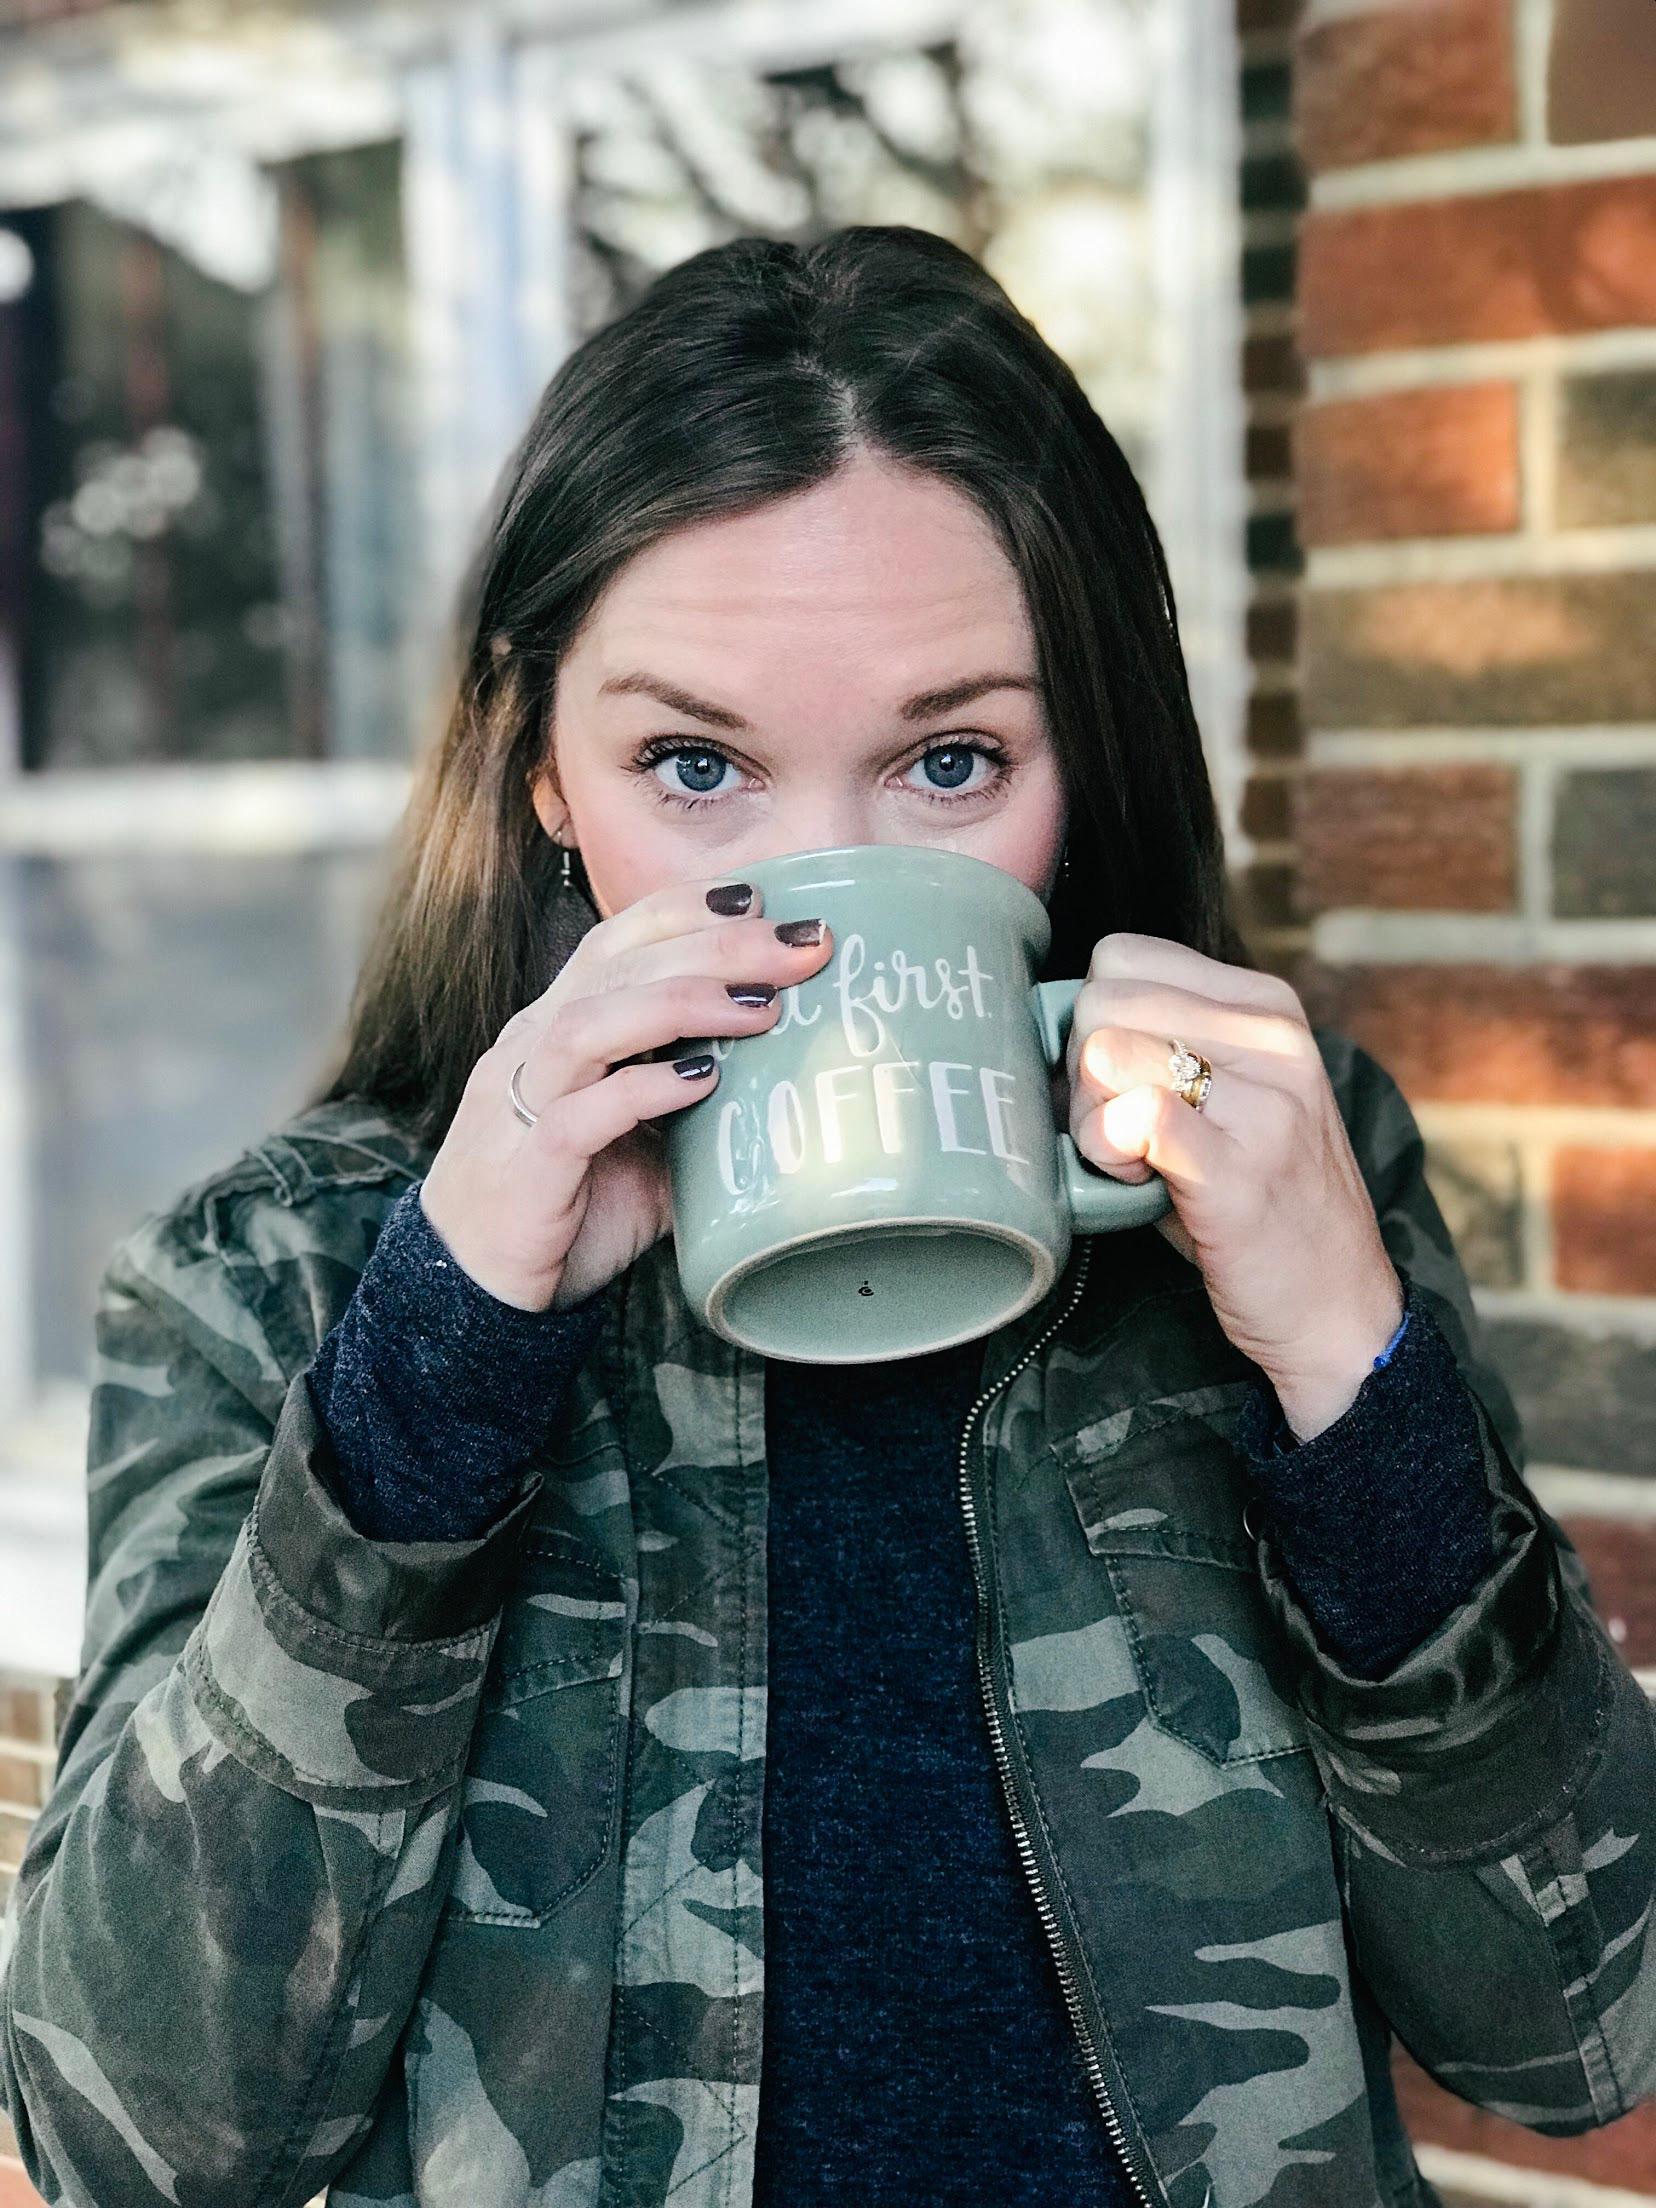 Weiland_Coffee.jpg